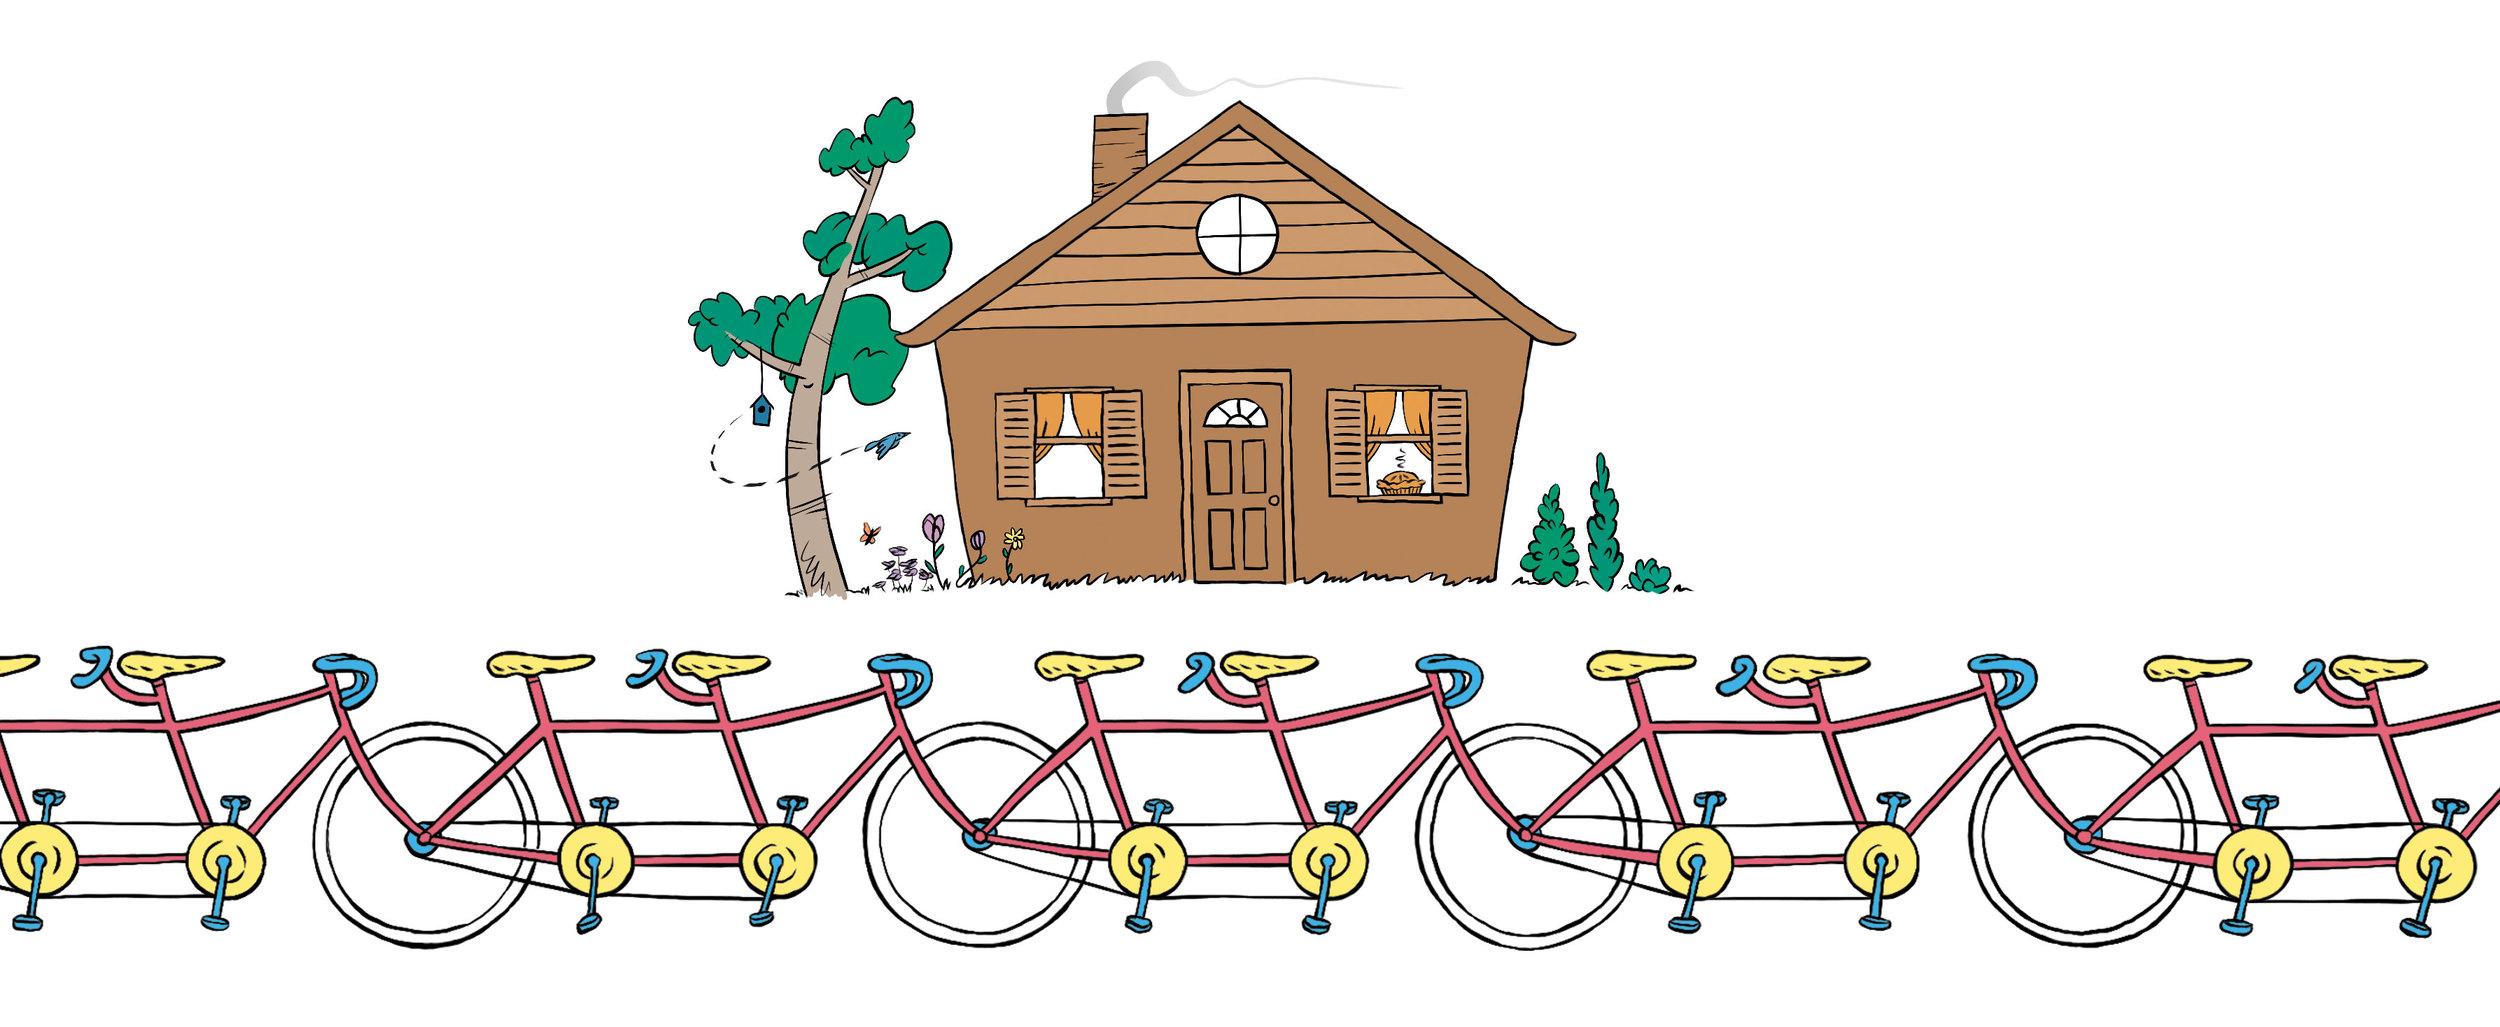 Christian-Rosekat_GiantsandGentlemen_Parkbridge_Bicycles.jpg